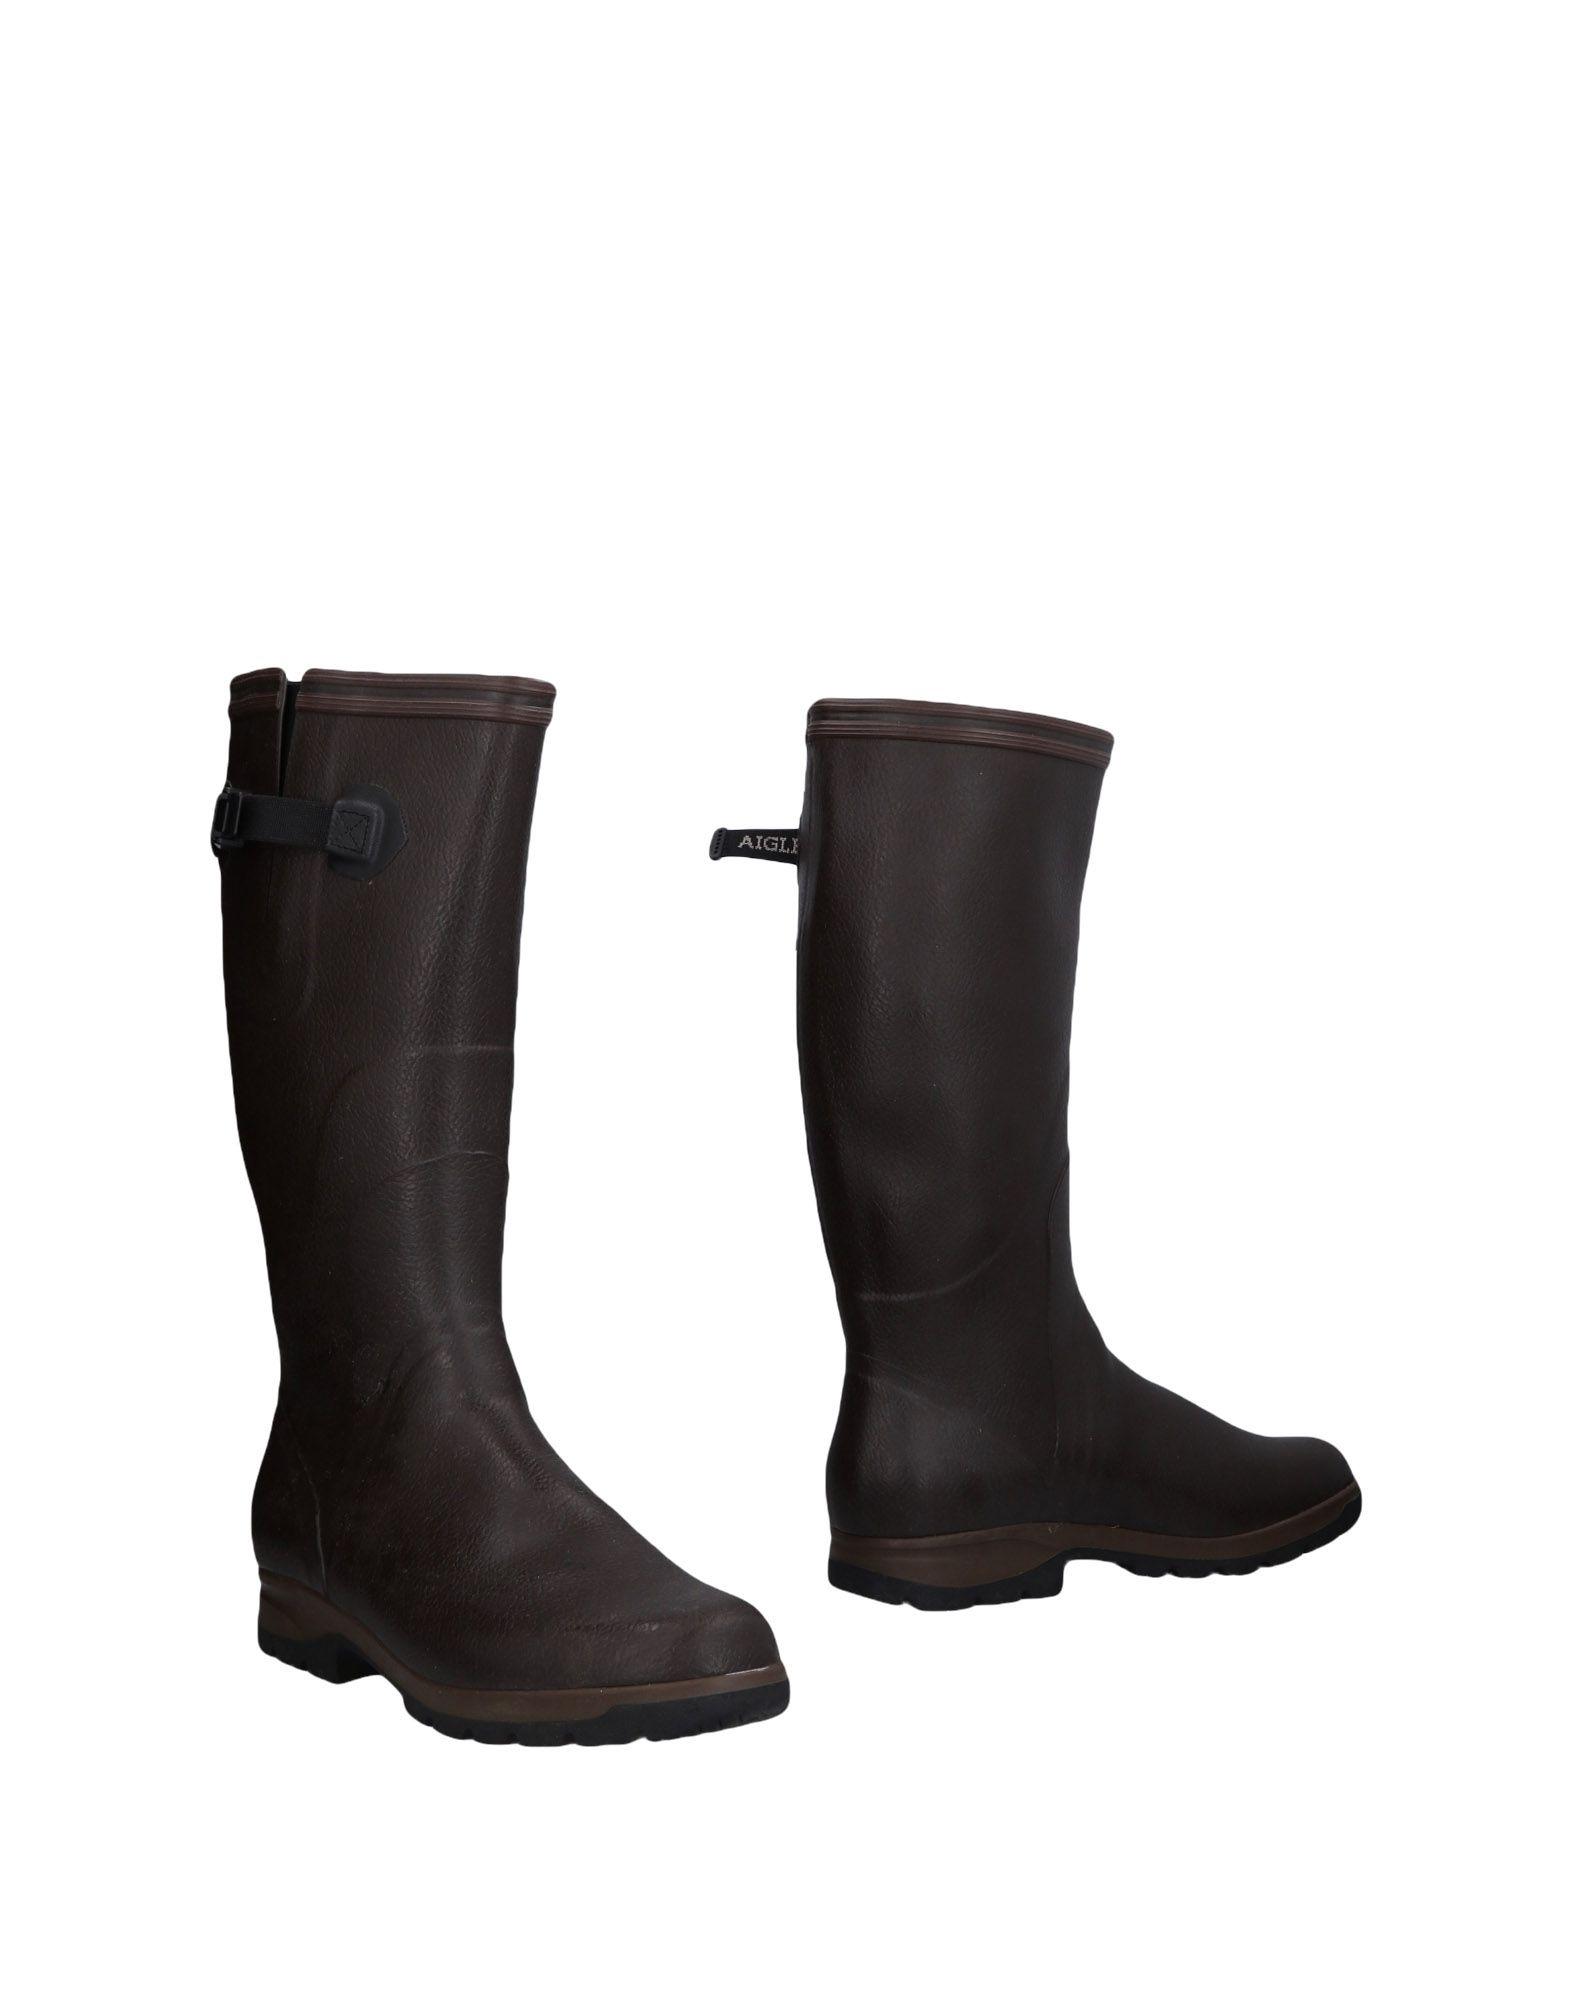 Rabatt Aigle echte Schuhe Aigle Rabatt Stiefelette Herren  11471642VF 130f13